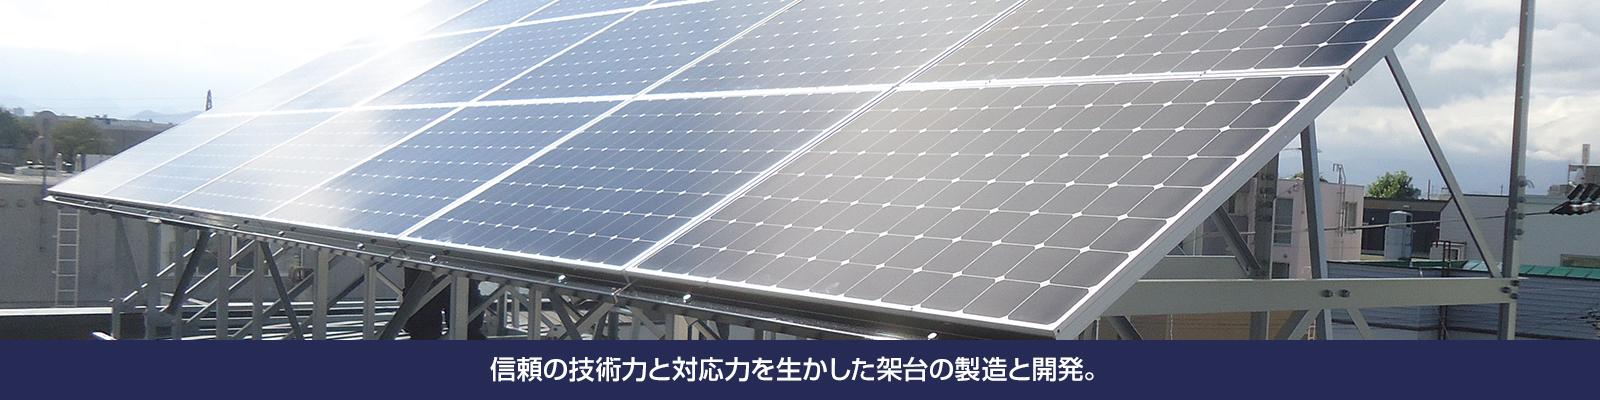 日江金属の板金技術は建物の屋根や壁、太陽光架台などで活躍しています。